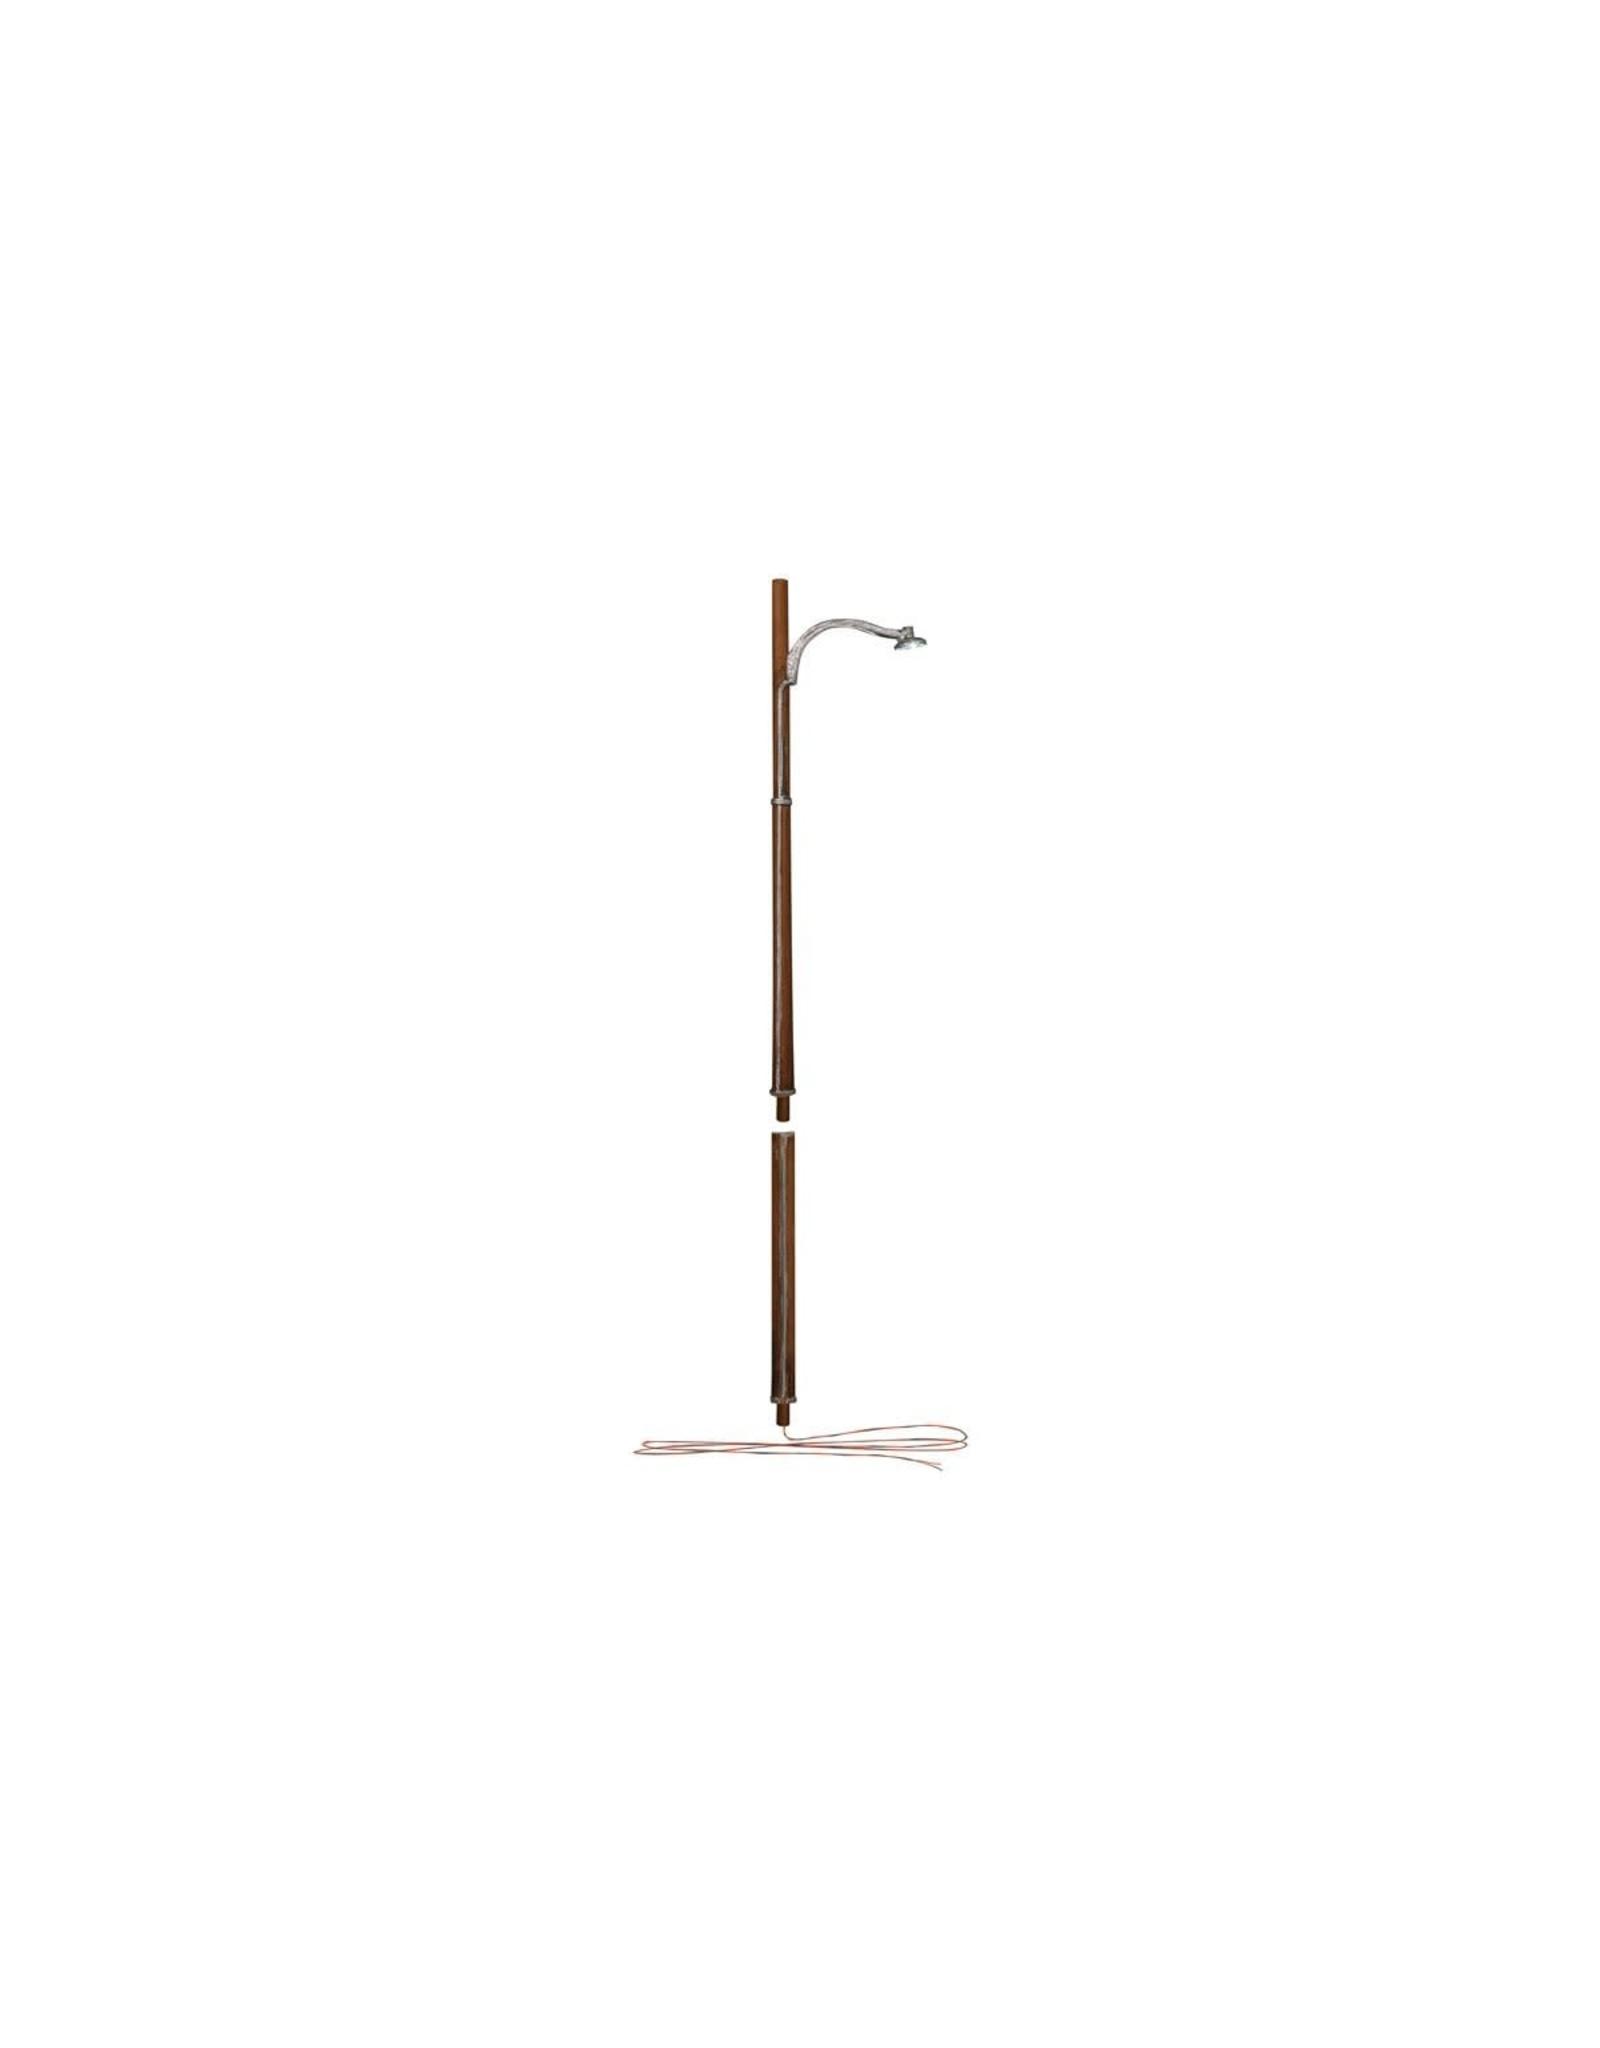 WOO JP5630 Wooden Pole Street Lights HO (3) 5630